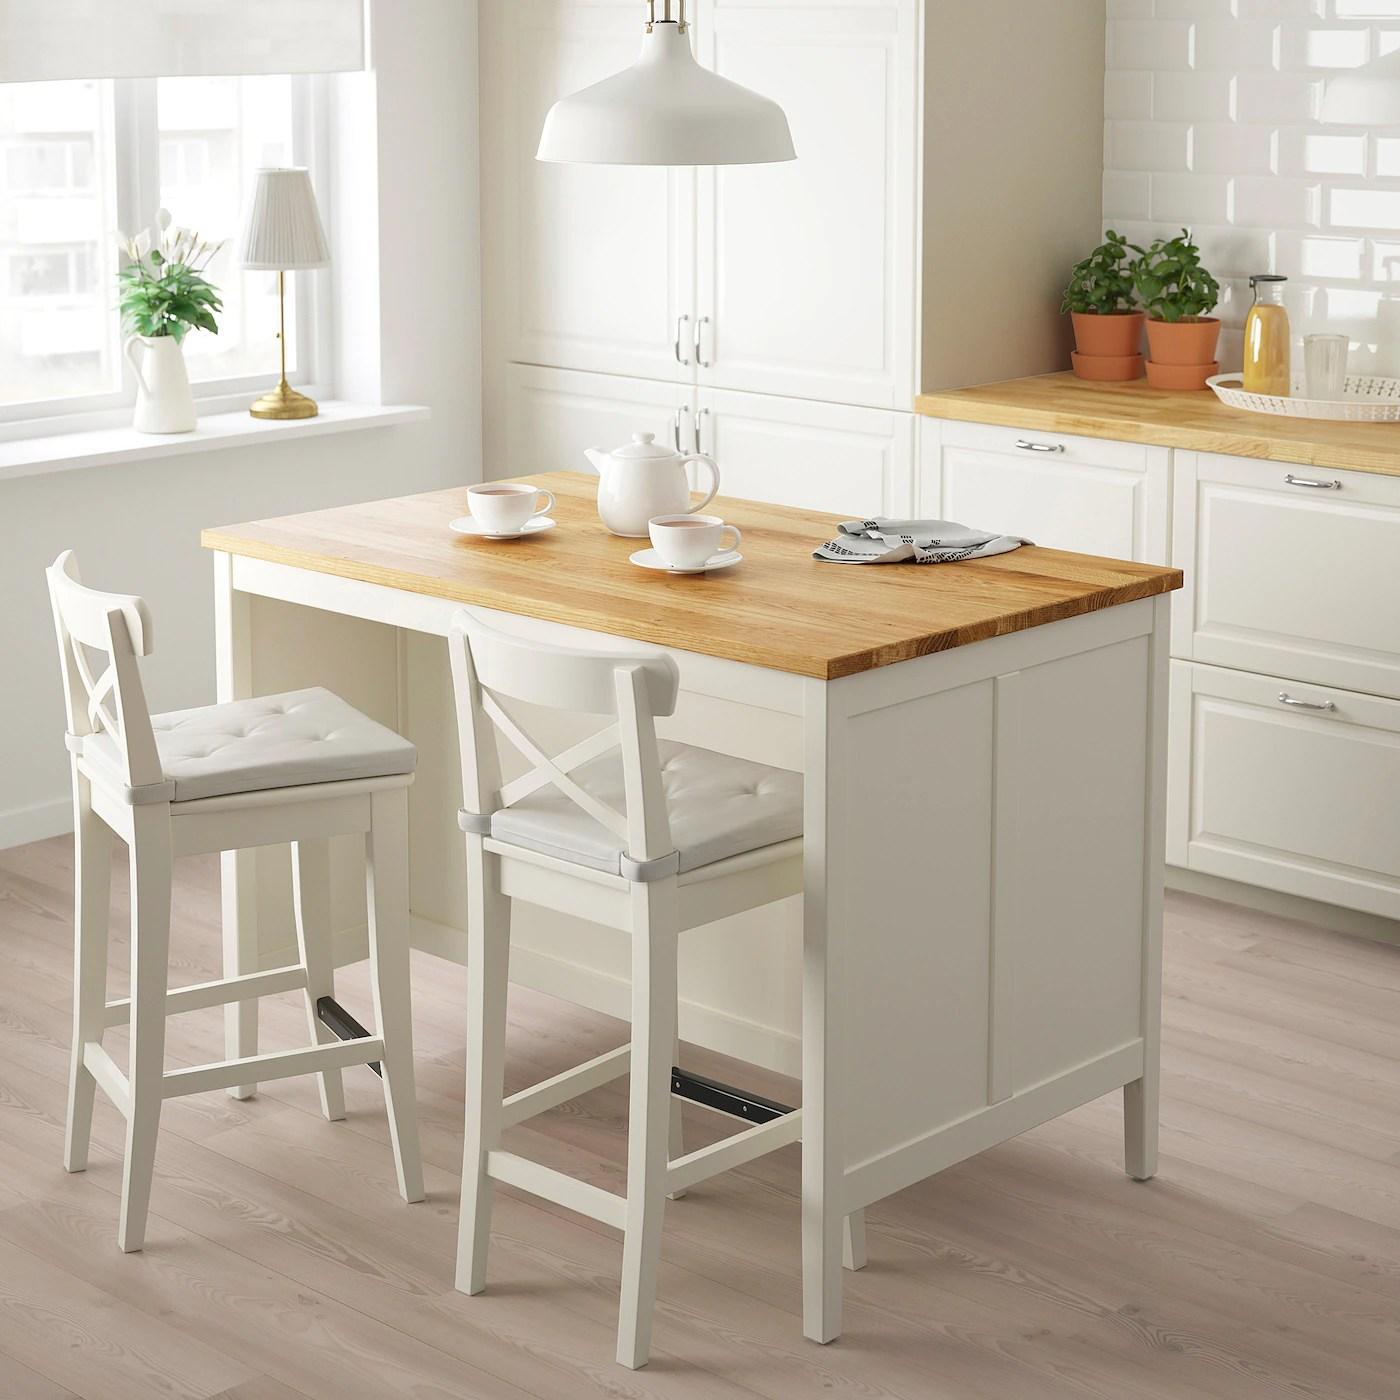 Tornviken Ilot Pour Cuisine Blanc Casse Chene 126x77 Cm Ikea